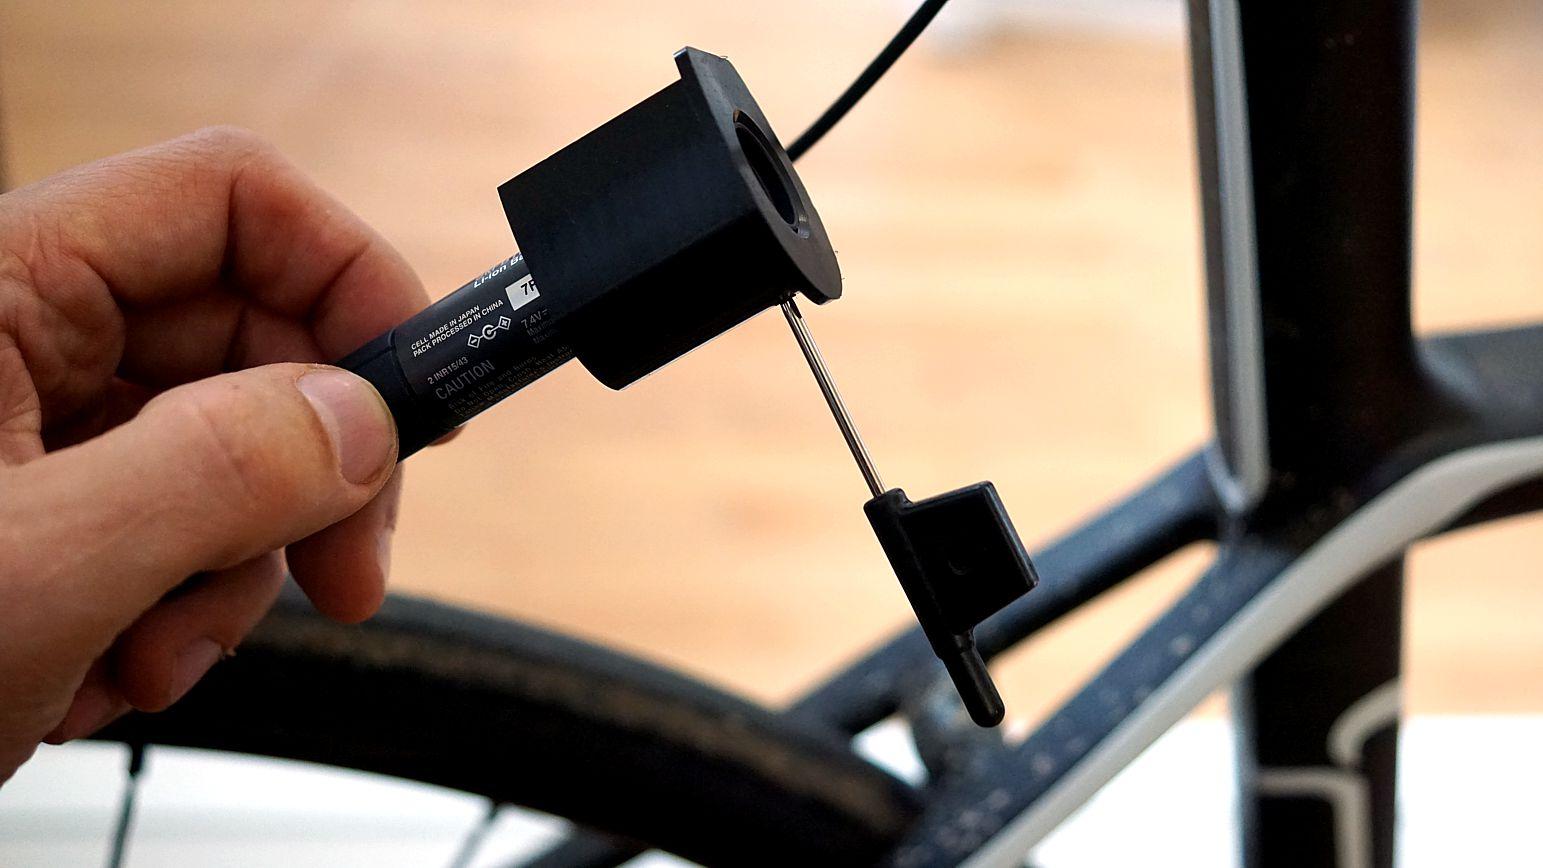 Separate Stützen bieten mit optionalen Klemmhülsen eine Befestigung für Di2-Akkus. Bei Wilier gibt es dafür eine eigene Halterung für das Sattelrohr mit Kammtail.